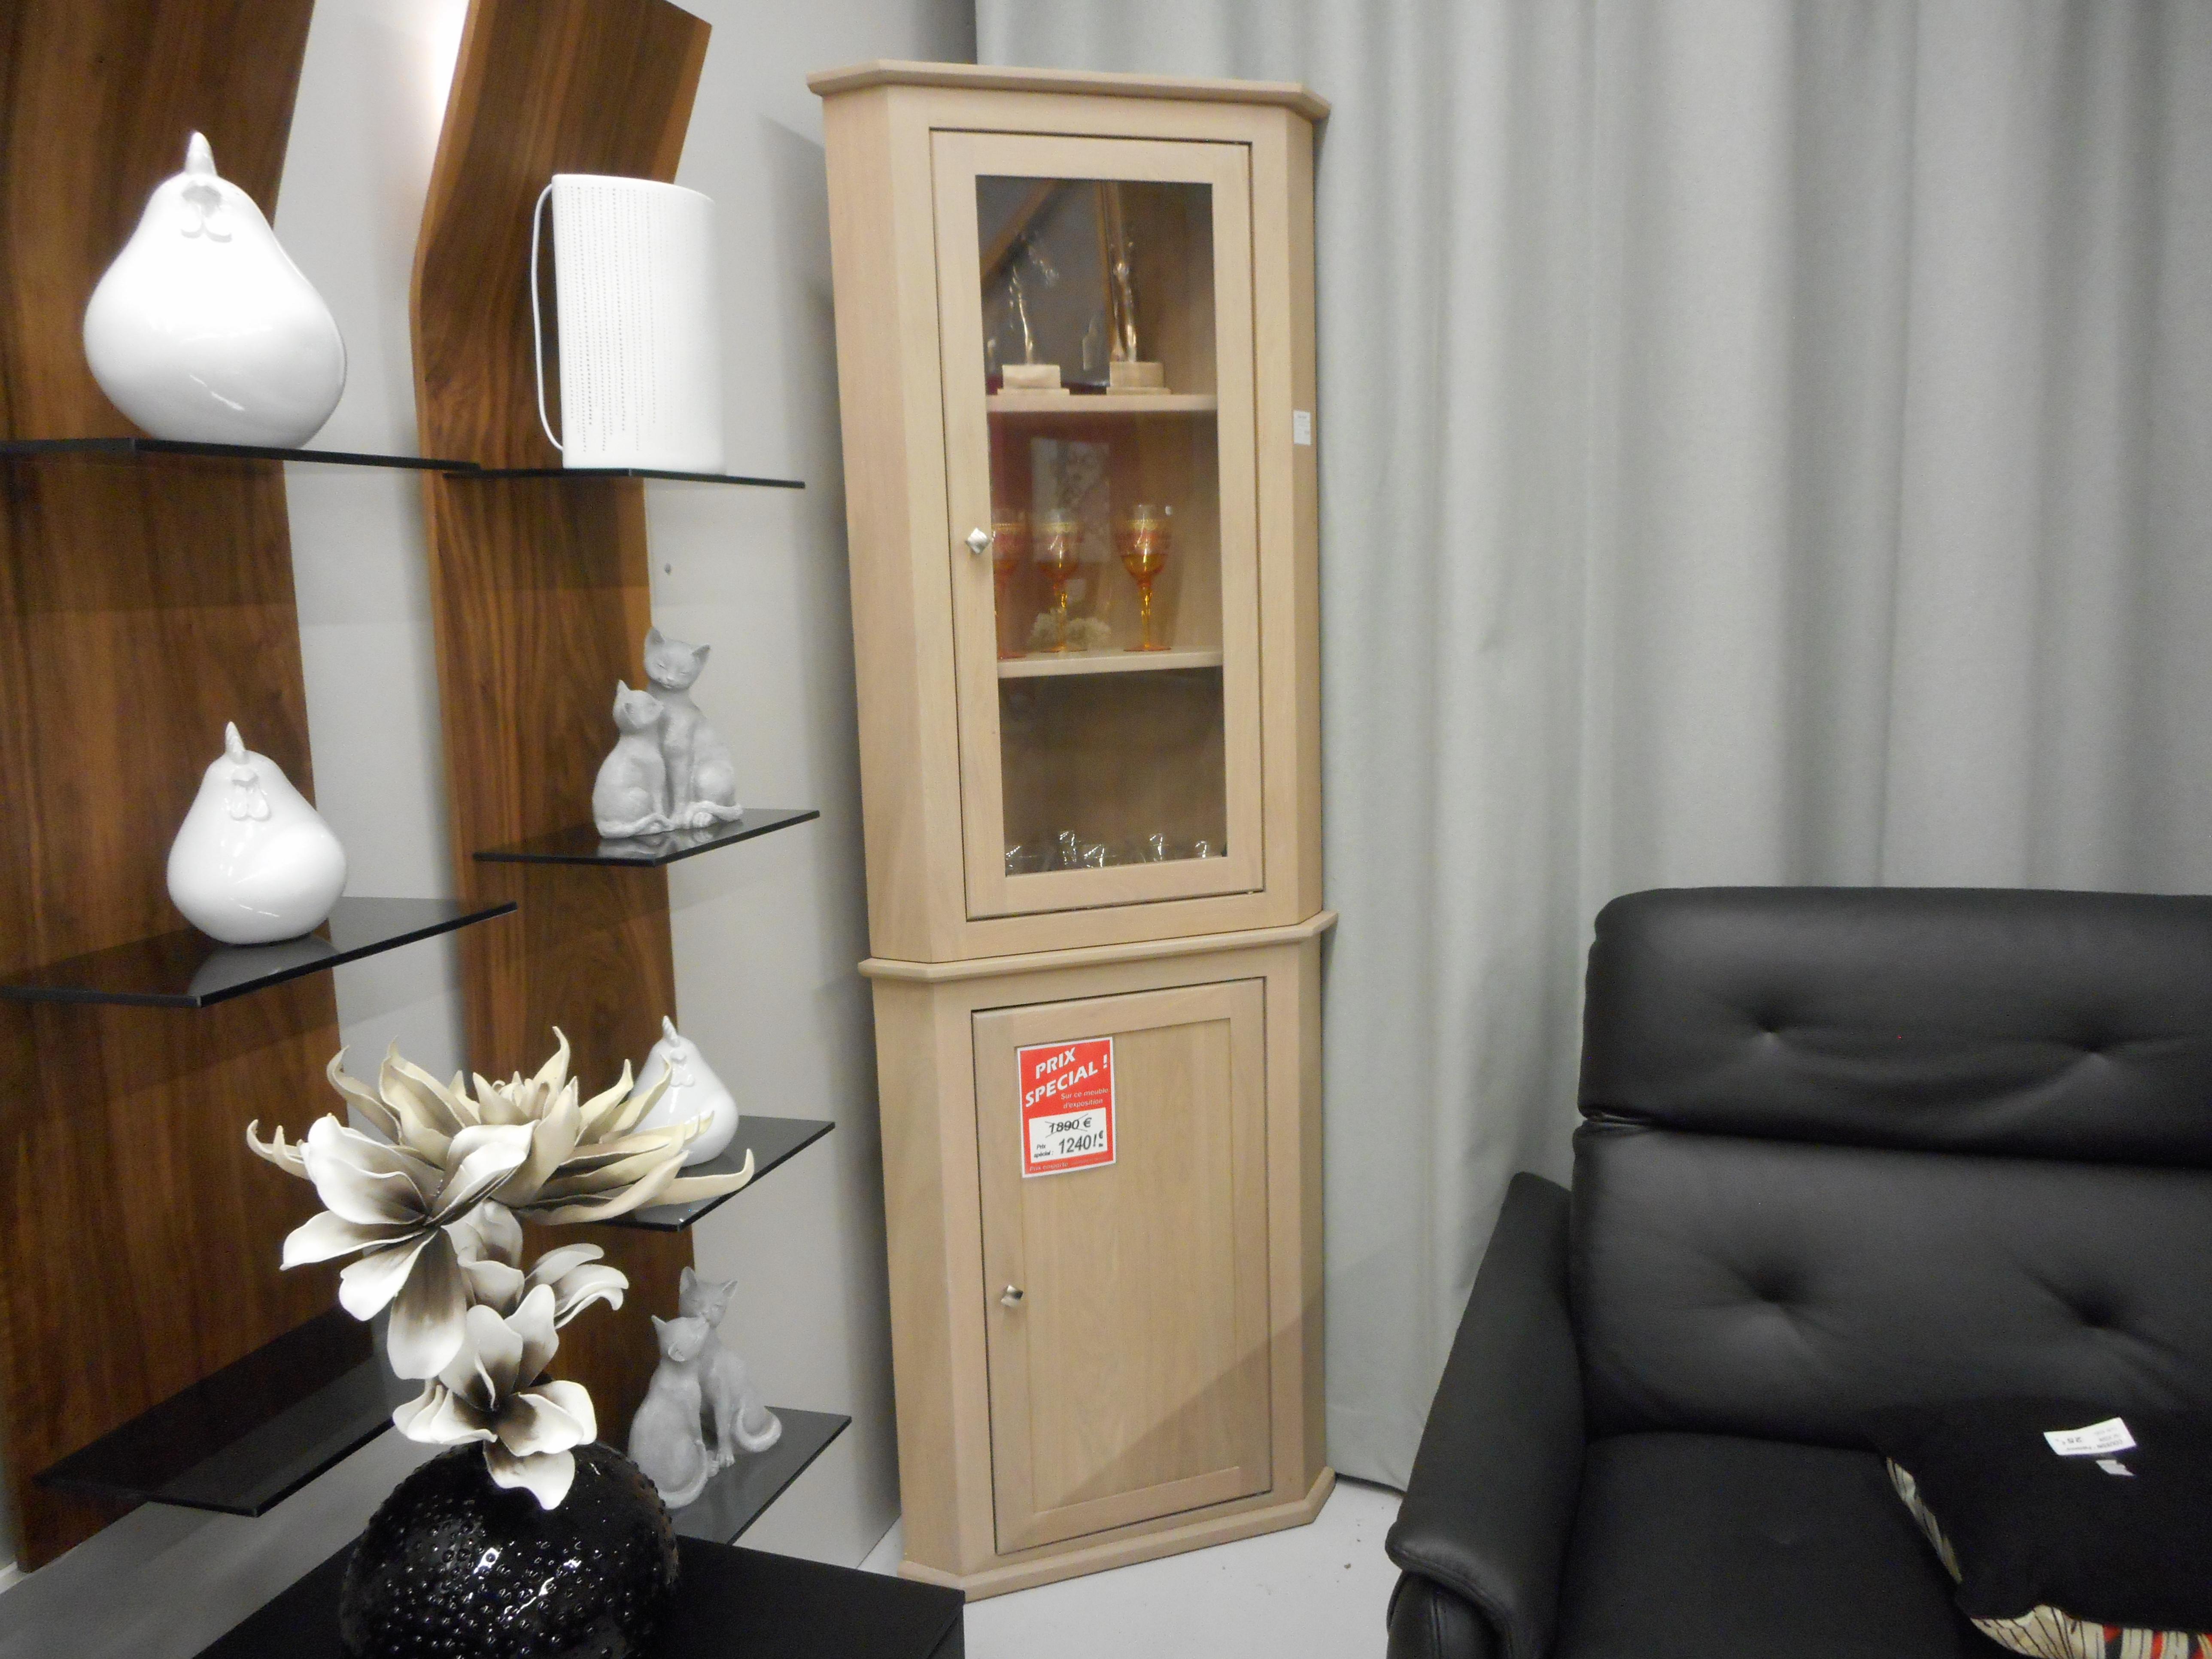 Meuble Haut D Angle Pour Tv meuble d'angle haut + bas